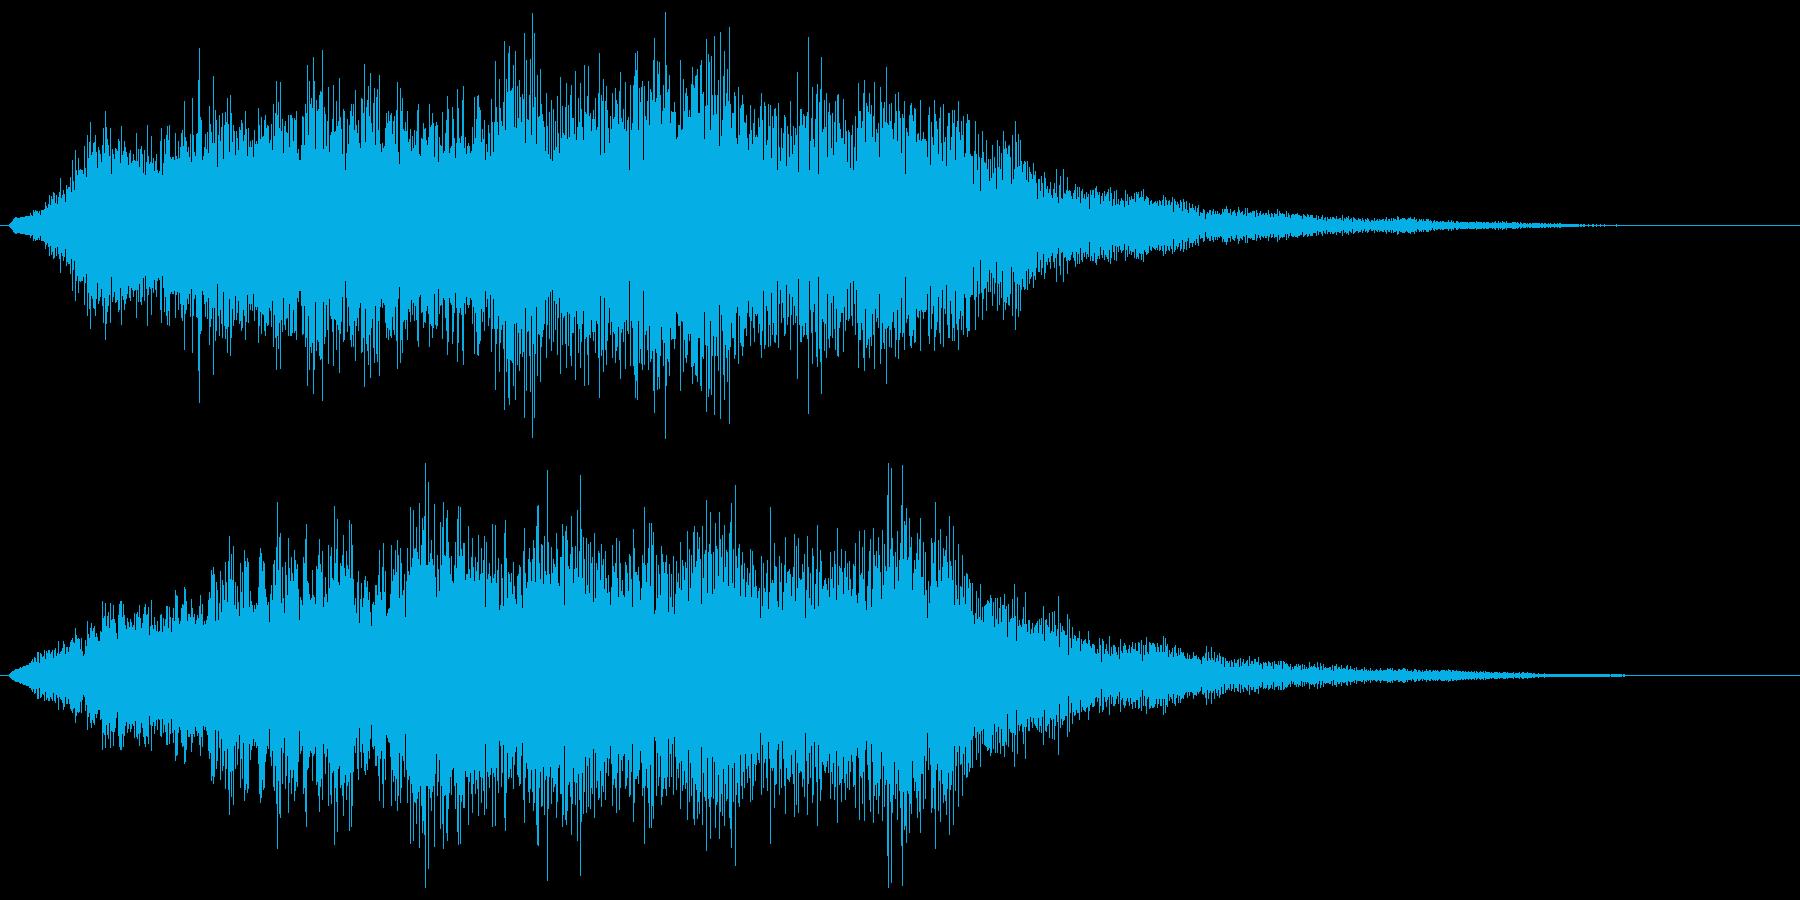 恐怖を演出するストリングスの不協和音の再生済みの波形